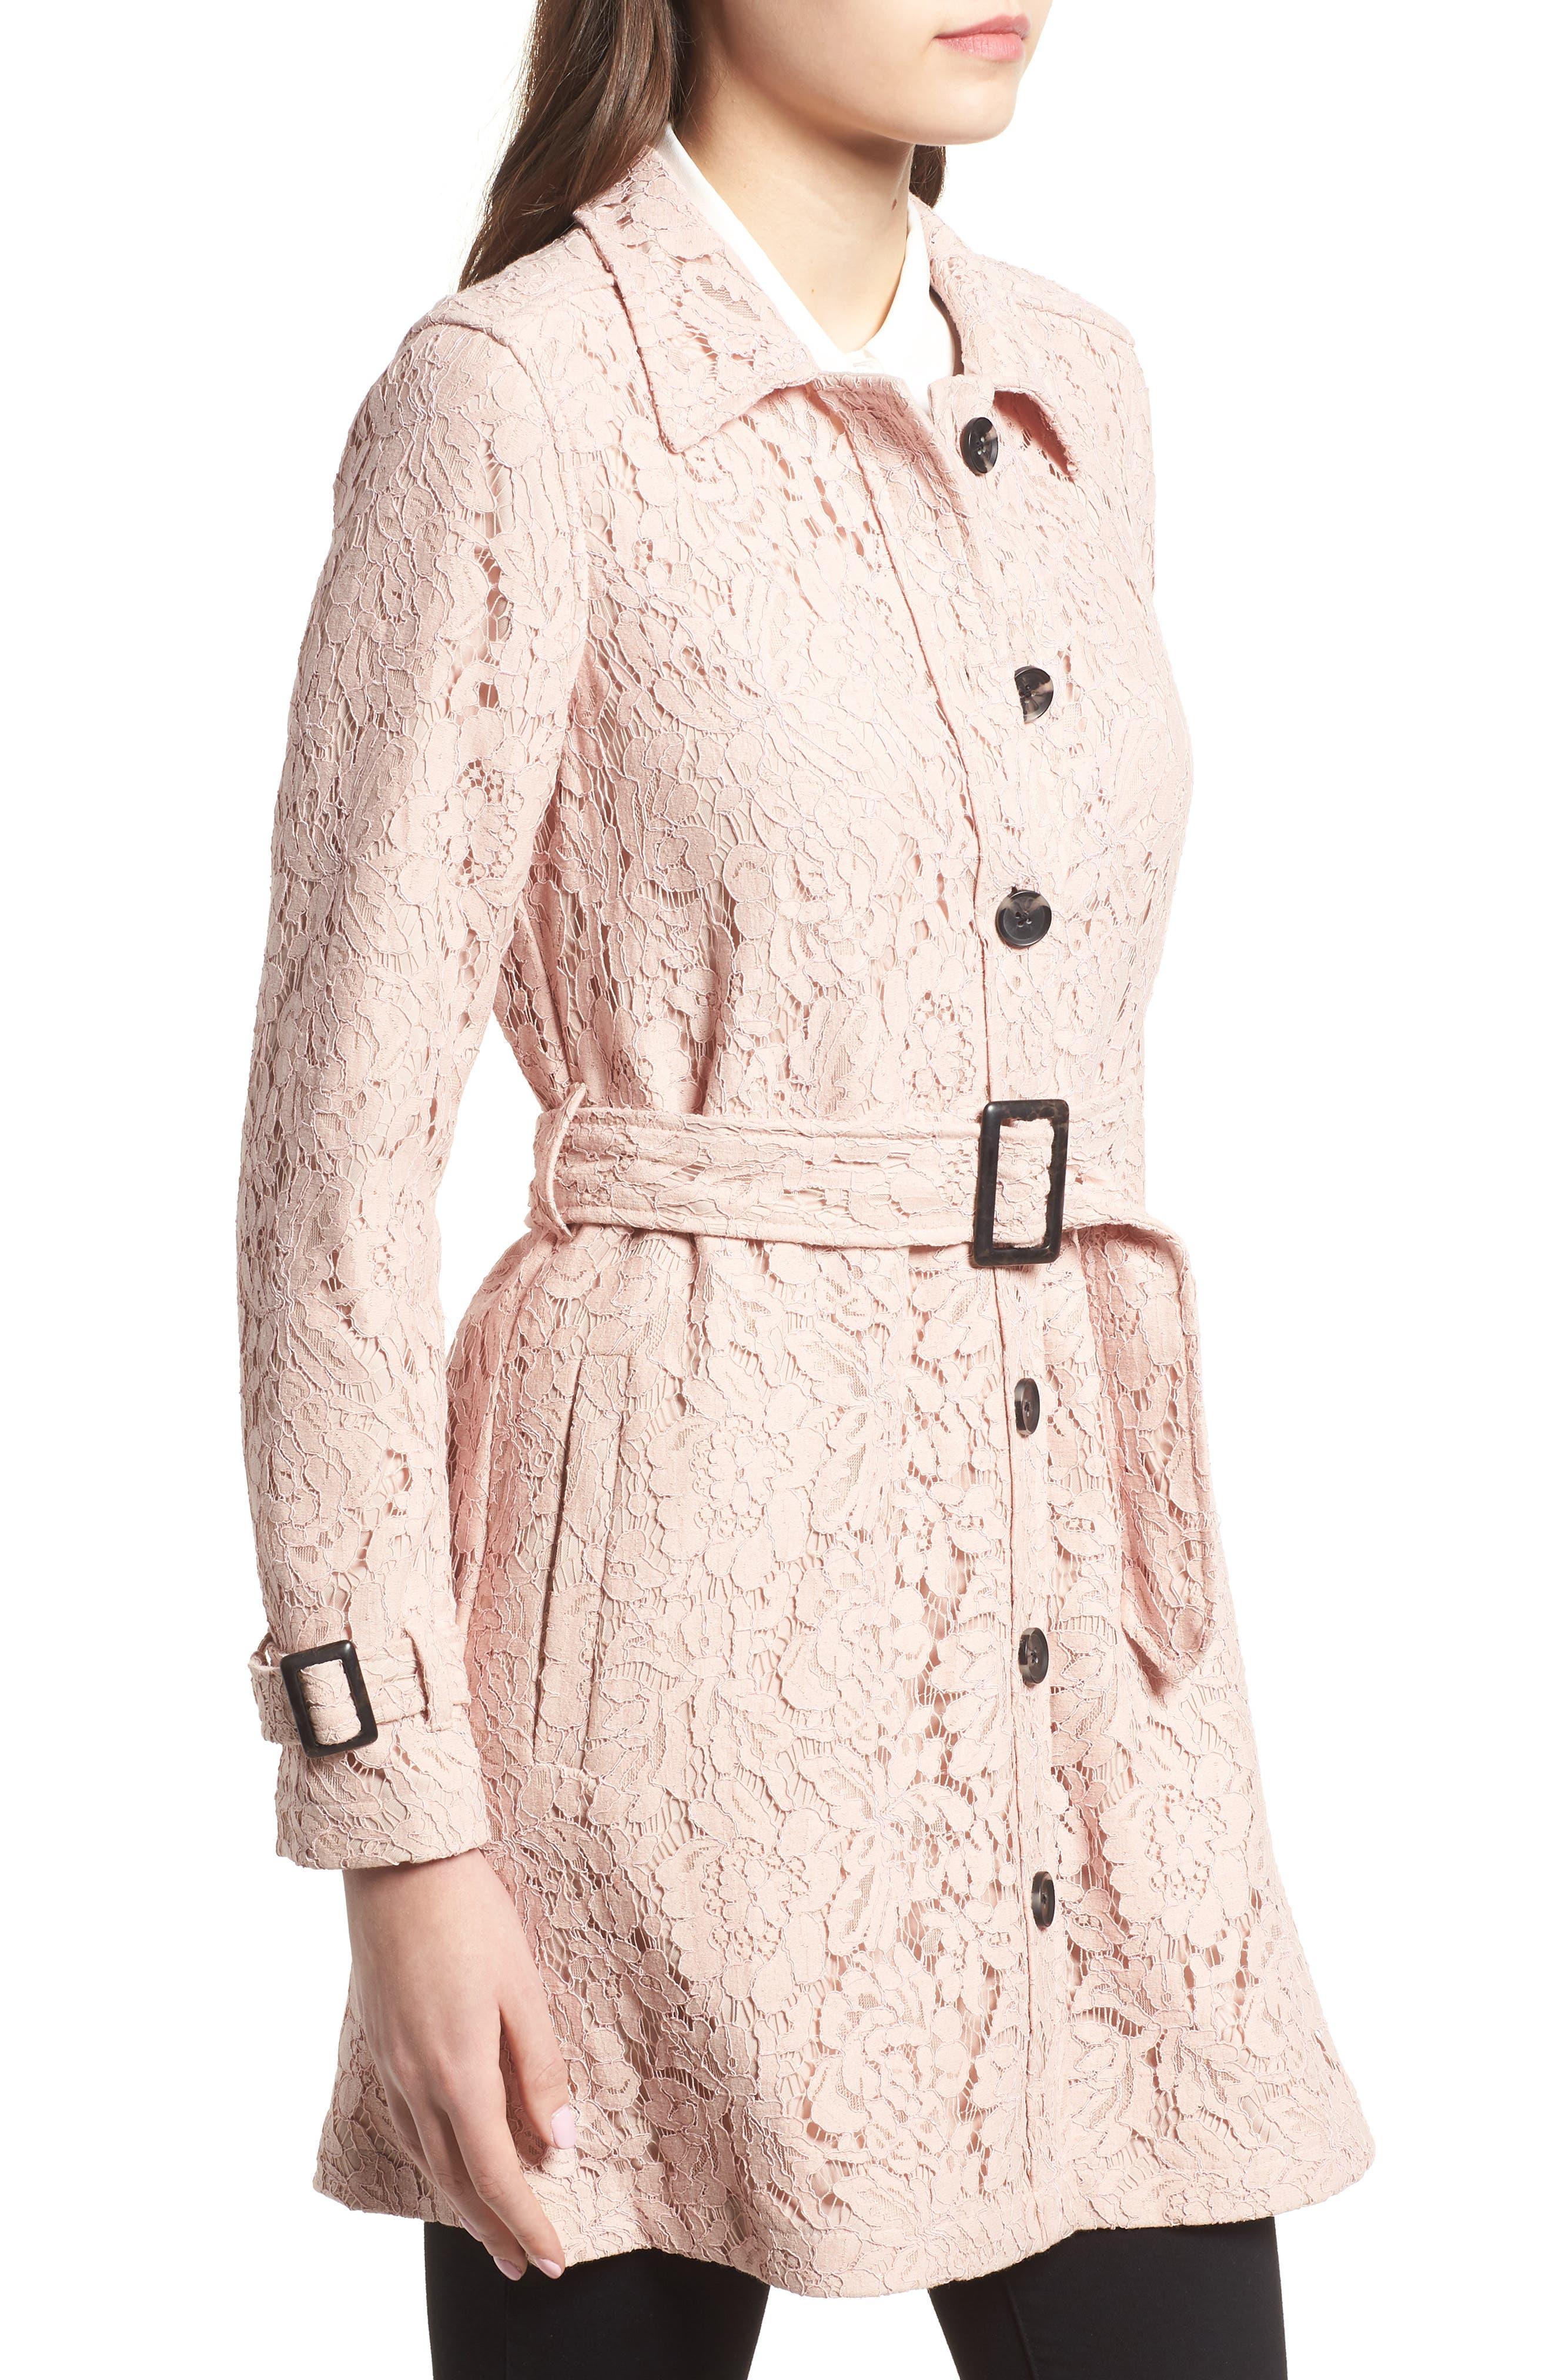 Auretta Lace Trench Coat,                             Alternate thumbnail 3, color,                             Pale Pink